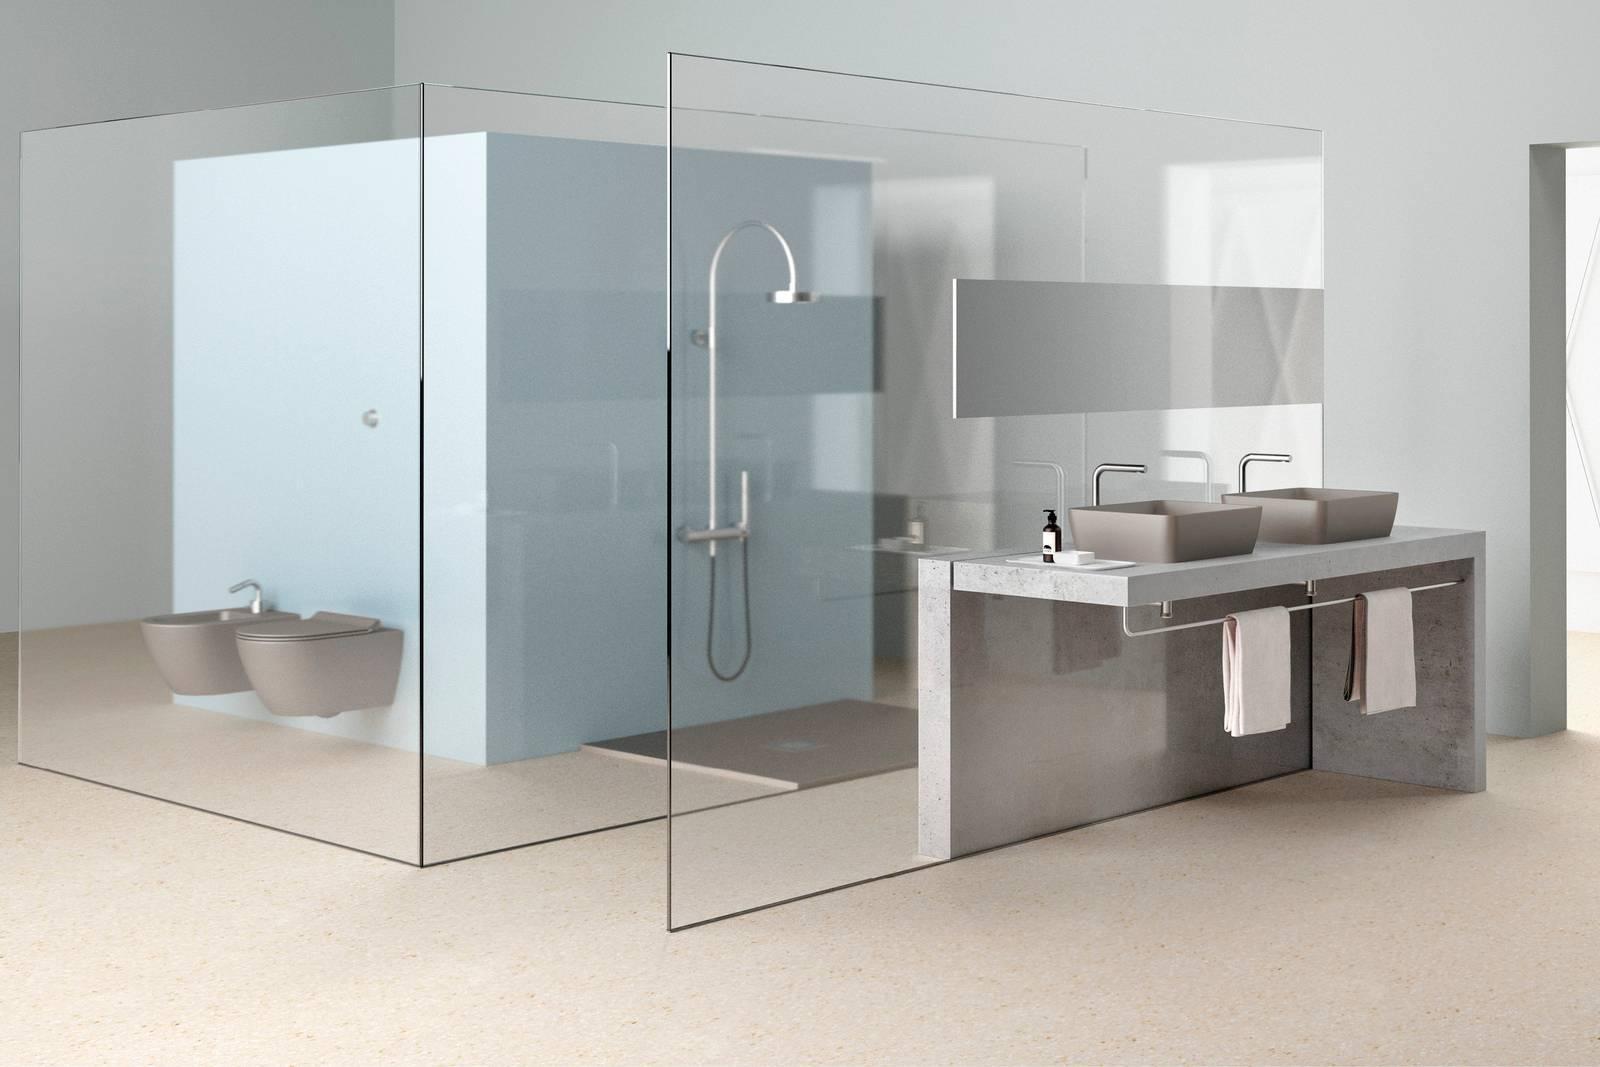 Bagno colore e finitura opaca per lavabi e sanitari color